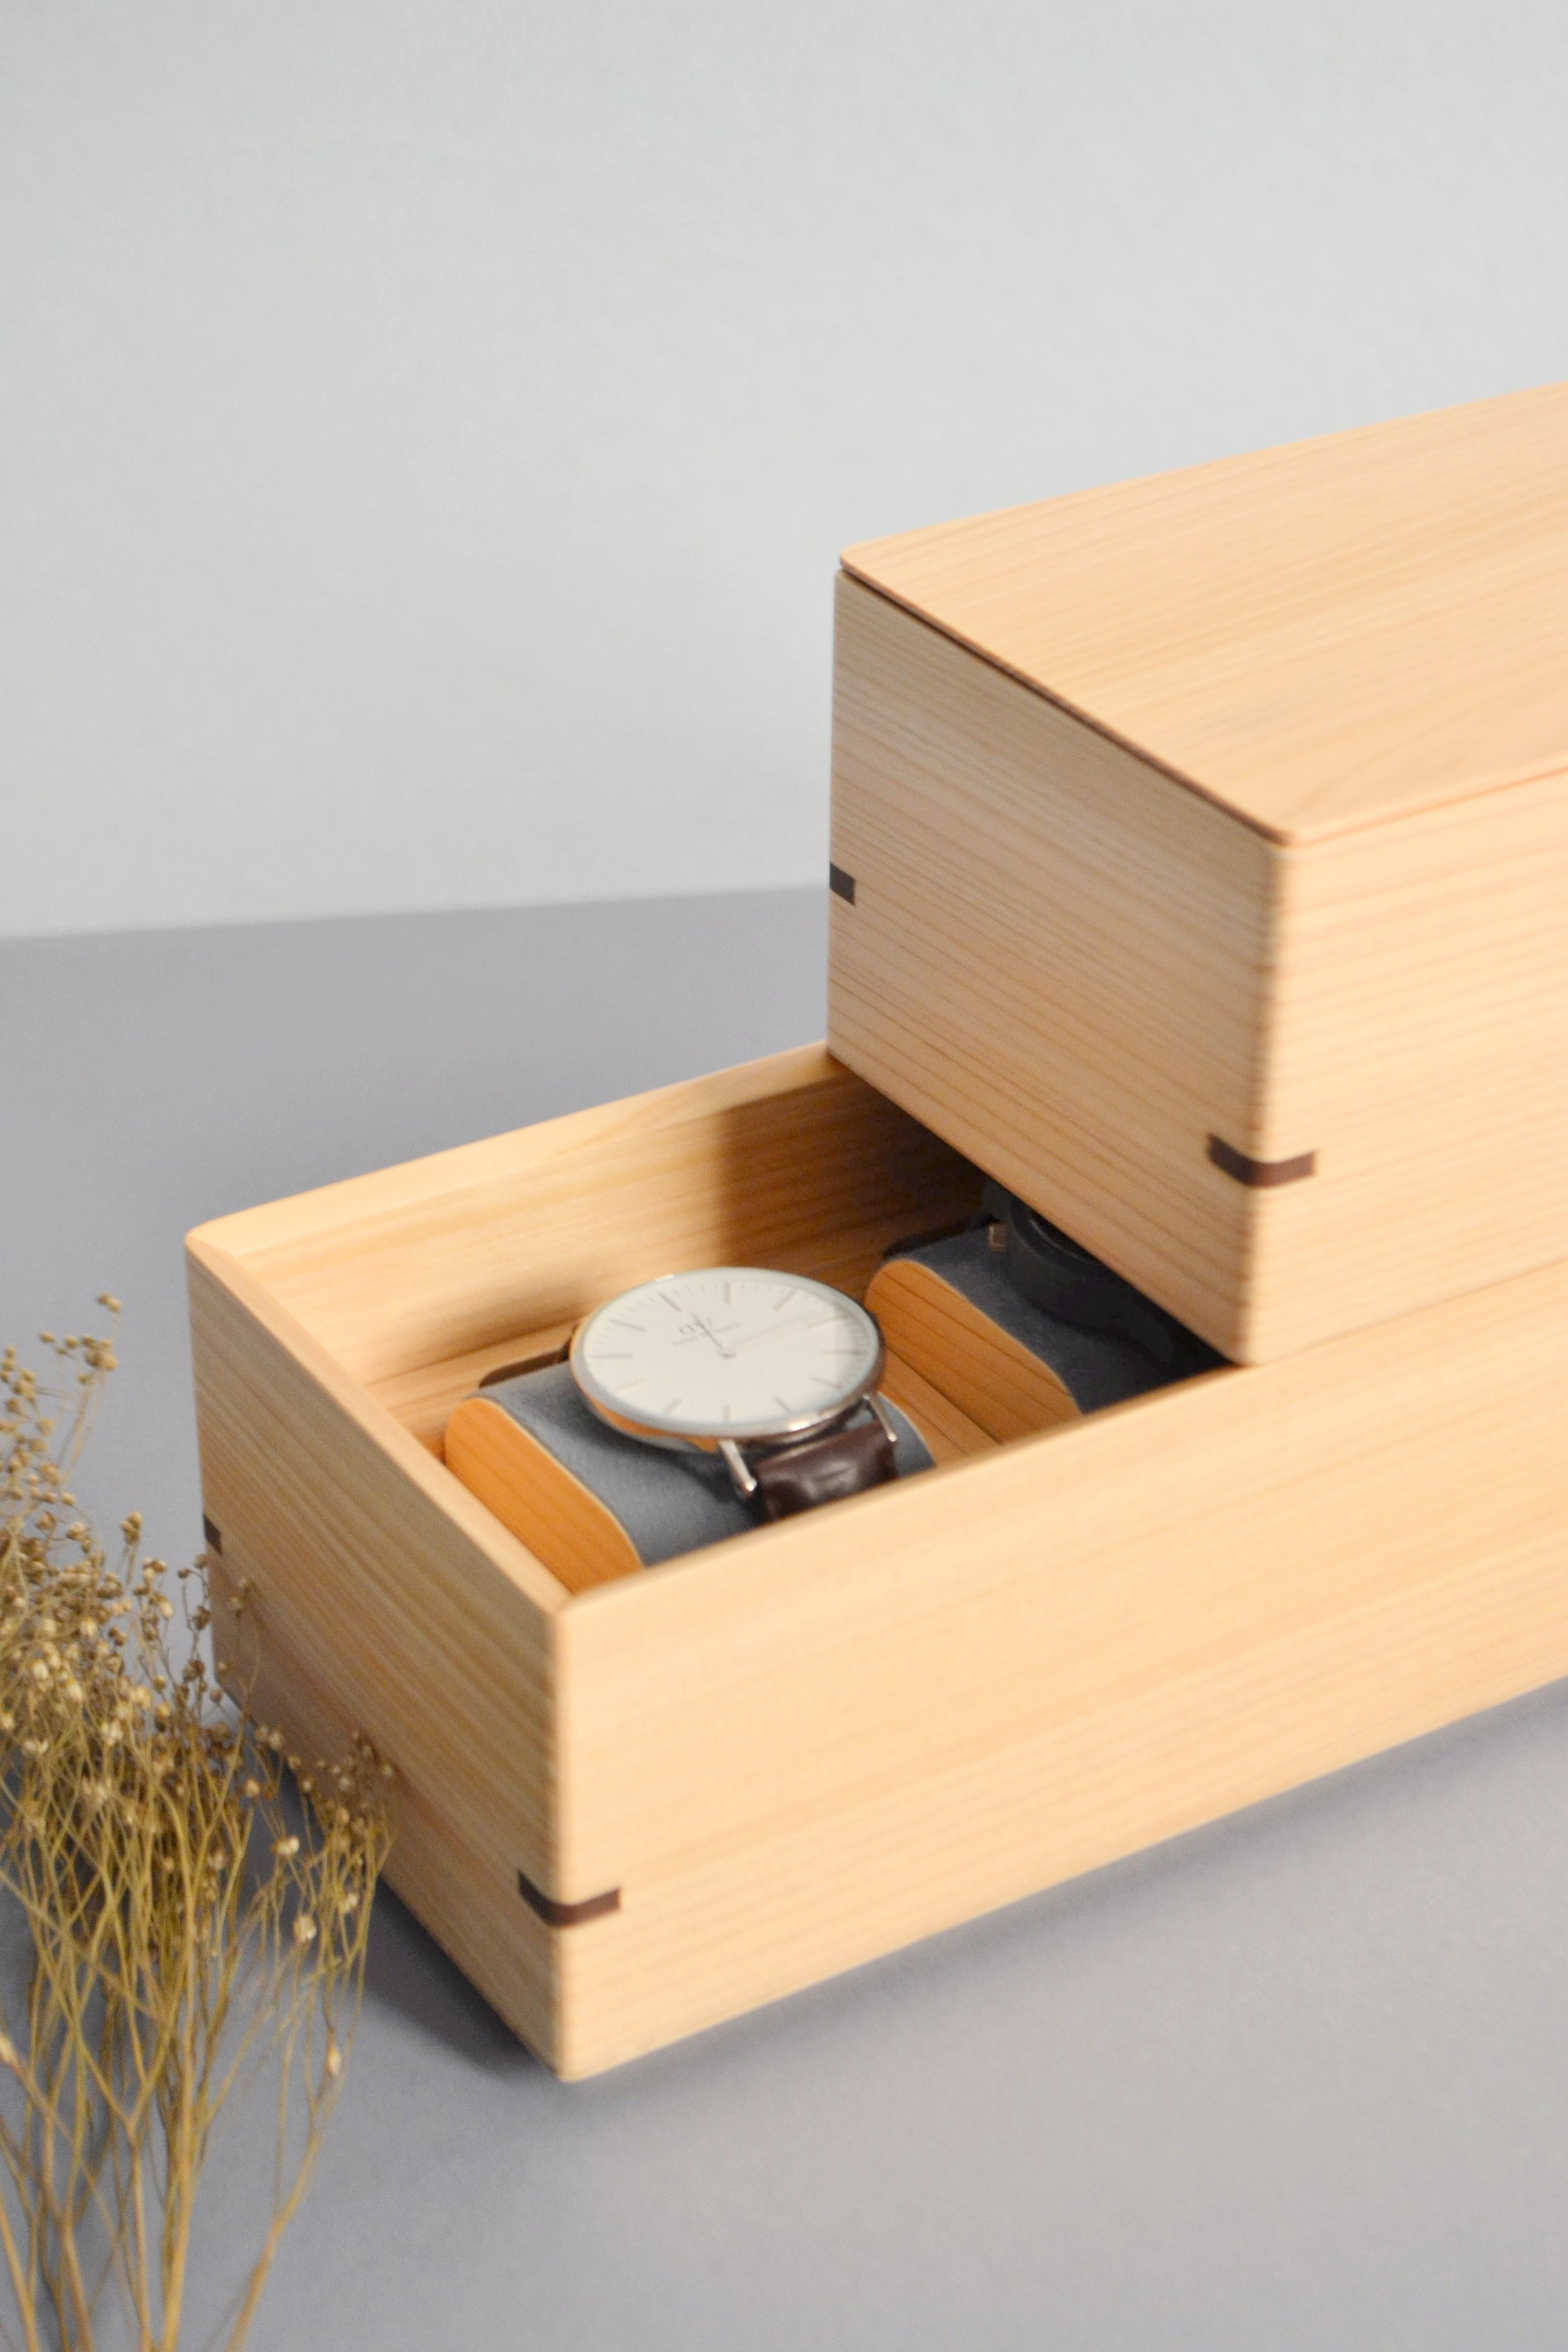 Watch Storage -